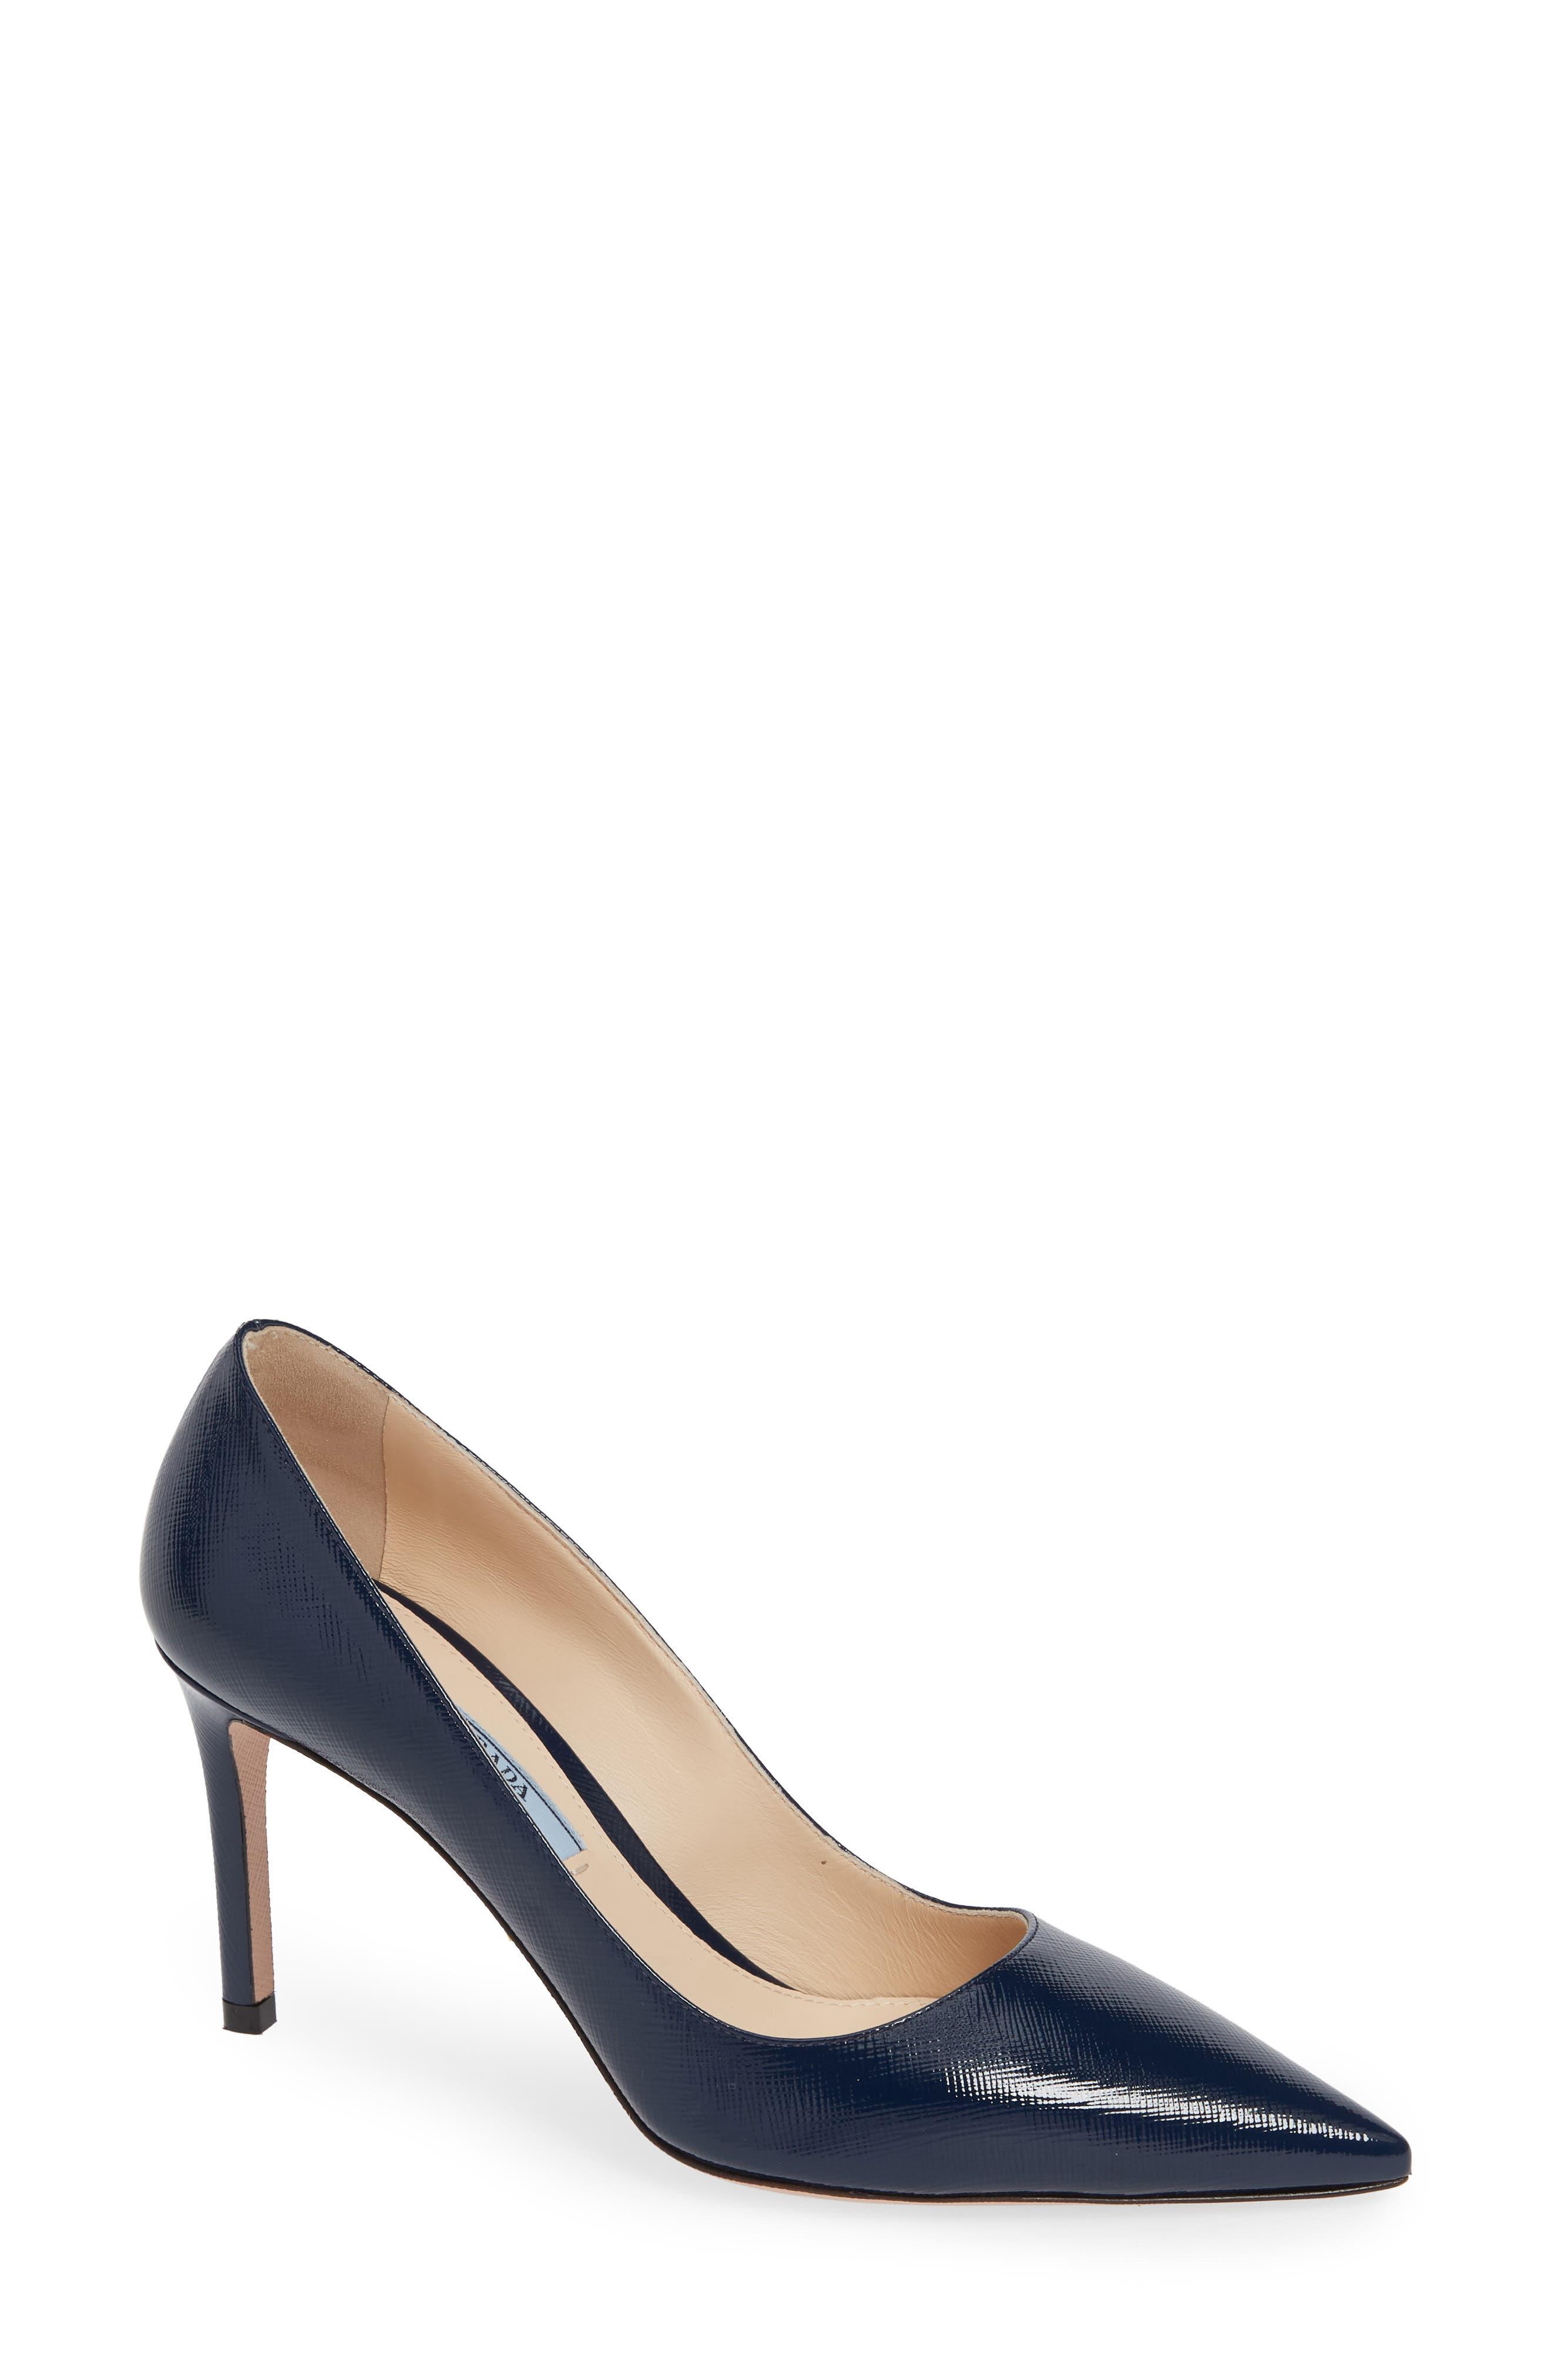 Women's Prada Heels | Nordstrom